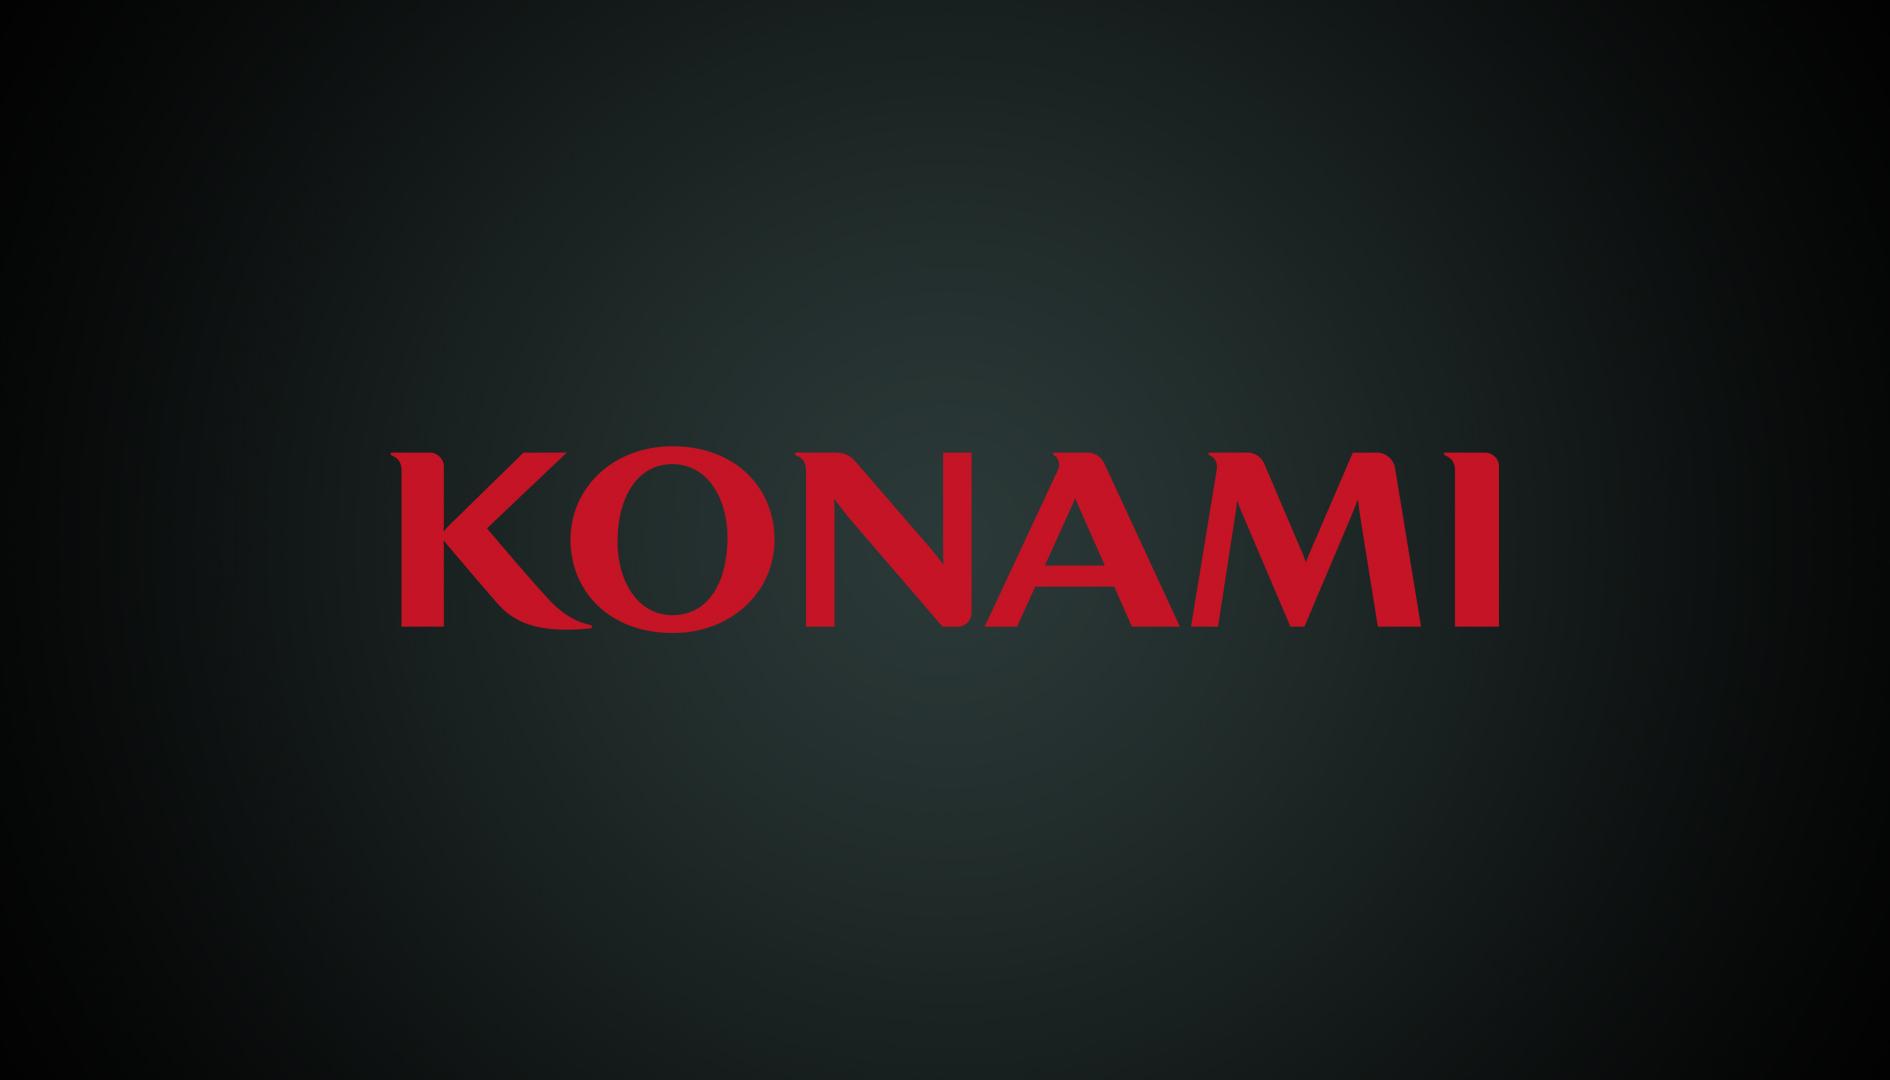 Sony al lavoro con Konami per far tornare una grande IP?